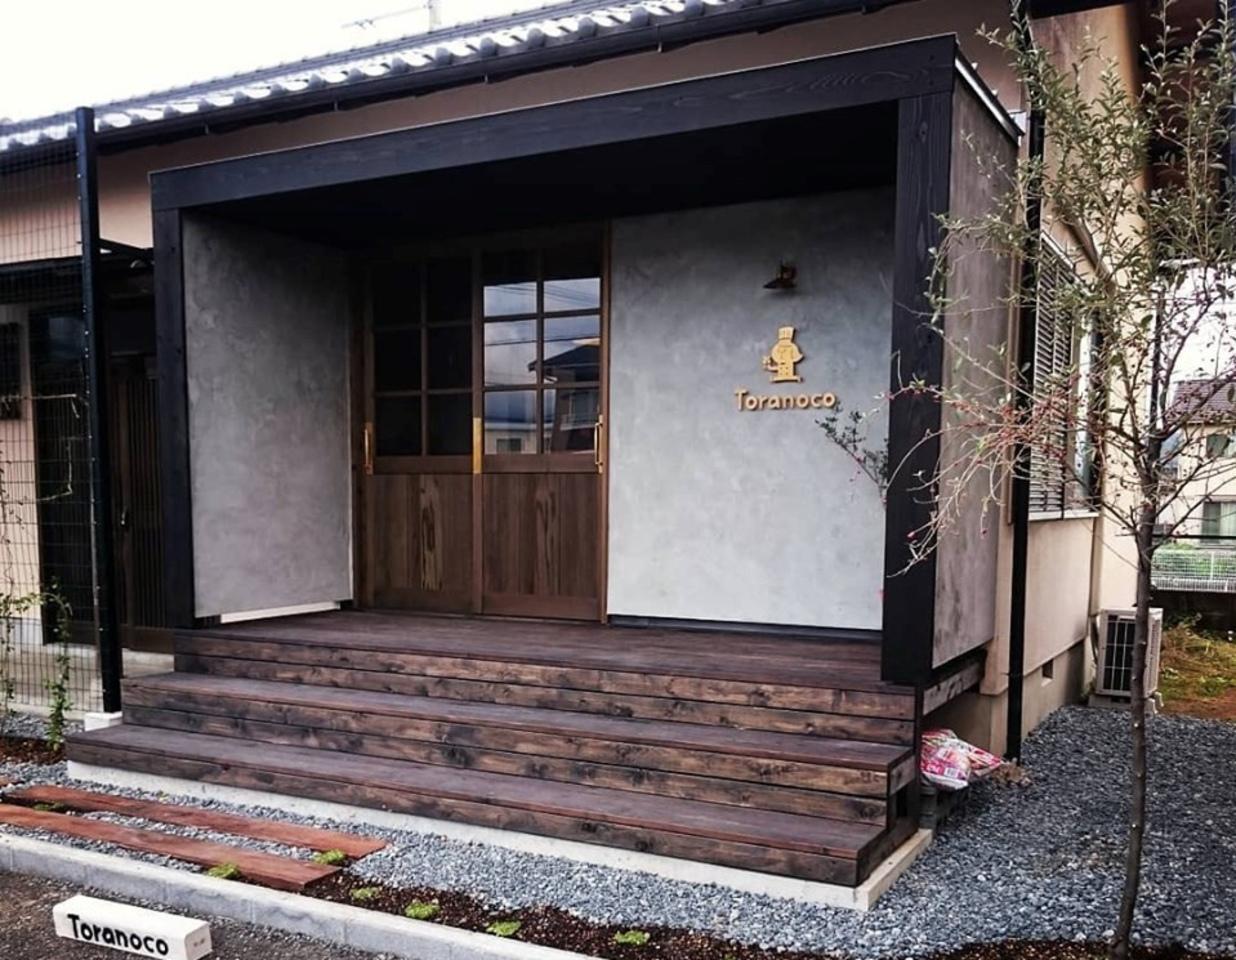 平屋を改装したお洒落な洋菓子店。。静岡県田方郡函南町平井に『トラノコ』10/18移転オープン